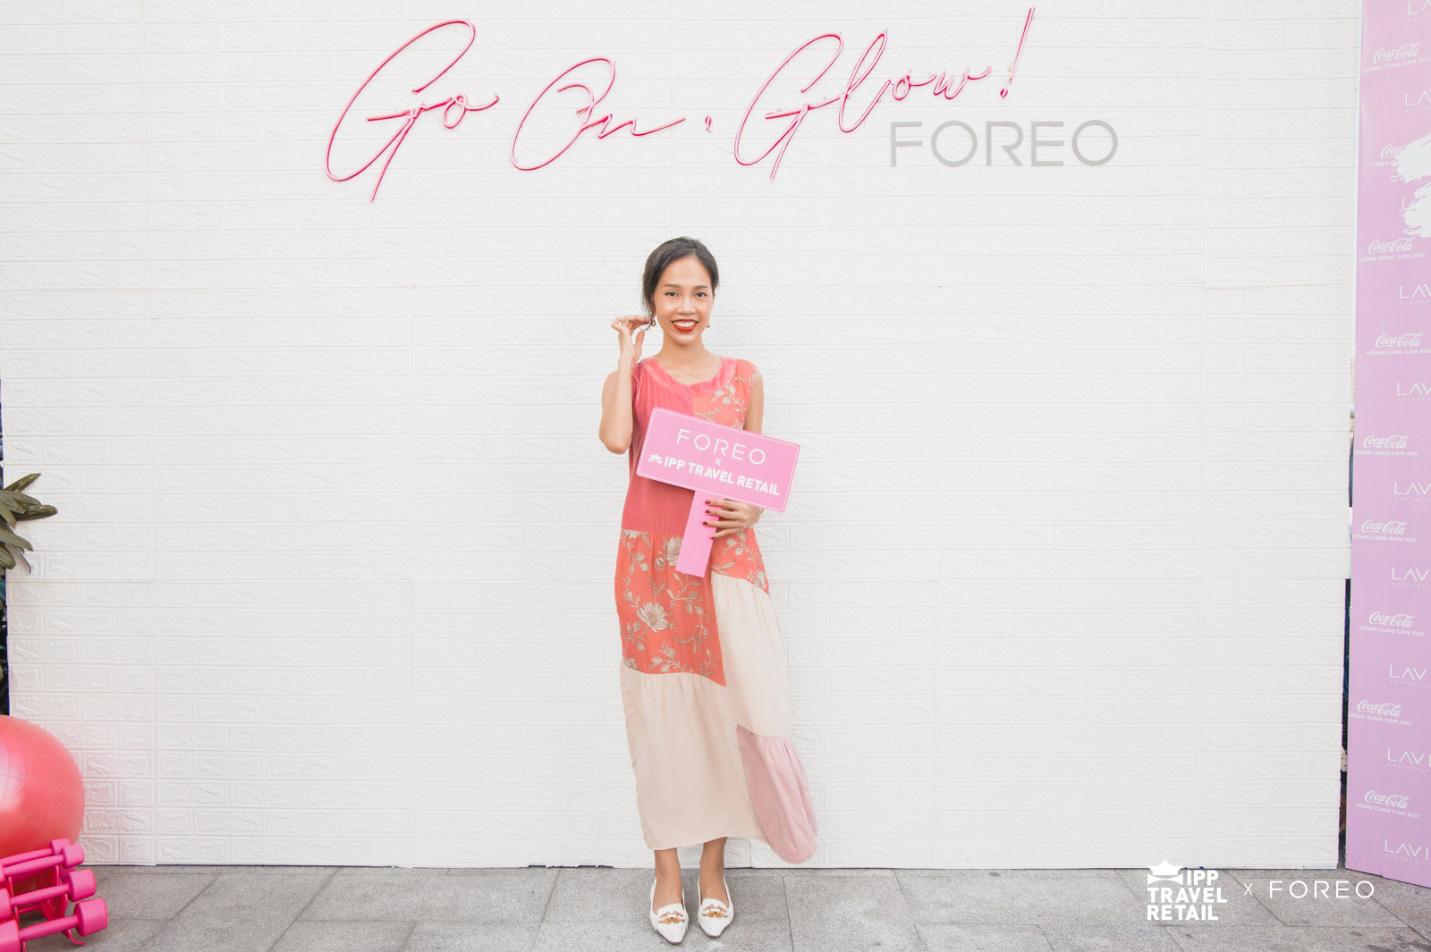 FOREO: Go on, glow! - Buổi họp báo sang chảnh đánh dấu sự hợp tác chính thức giữa FOREO và IPP Travel Retail - Ảnh 7.